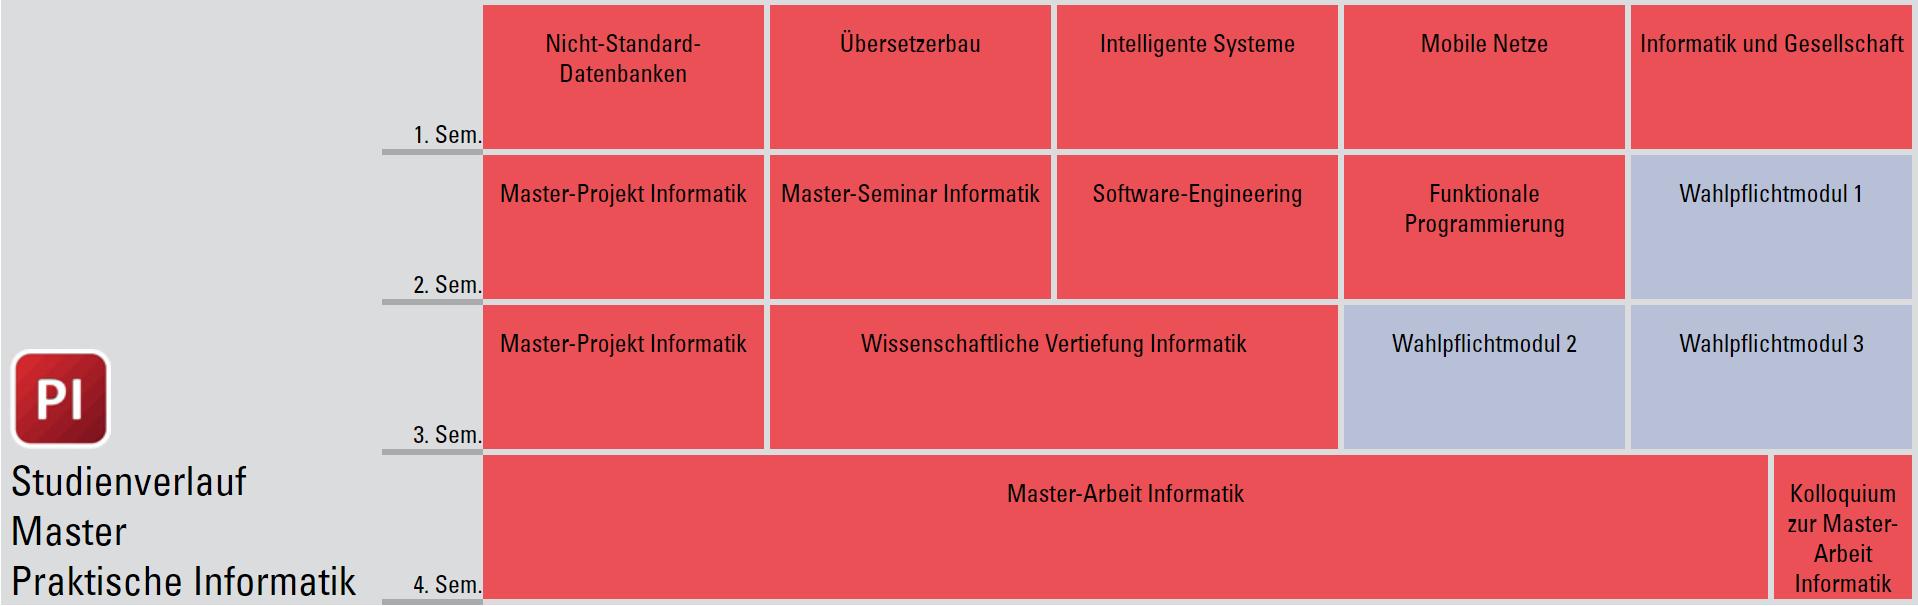 Studienverlaufsplan Master Informatik (Studienrichtung Praktische Informatik)